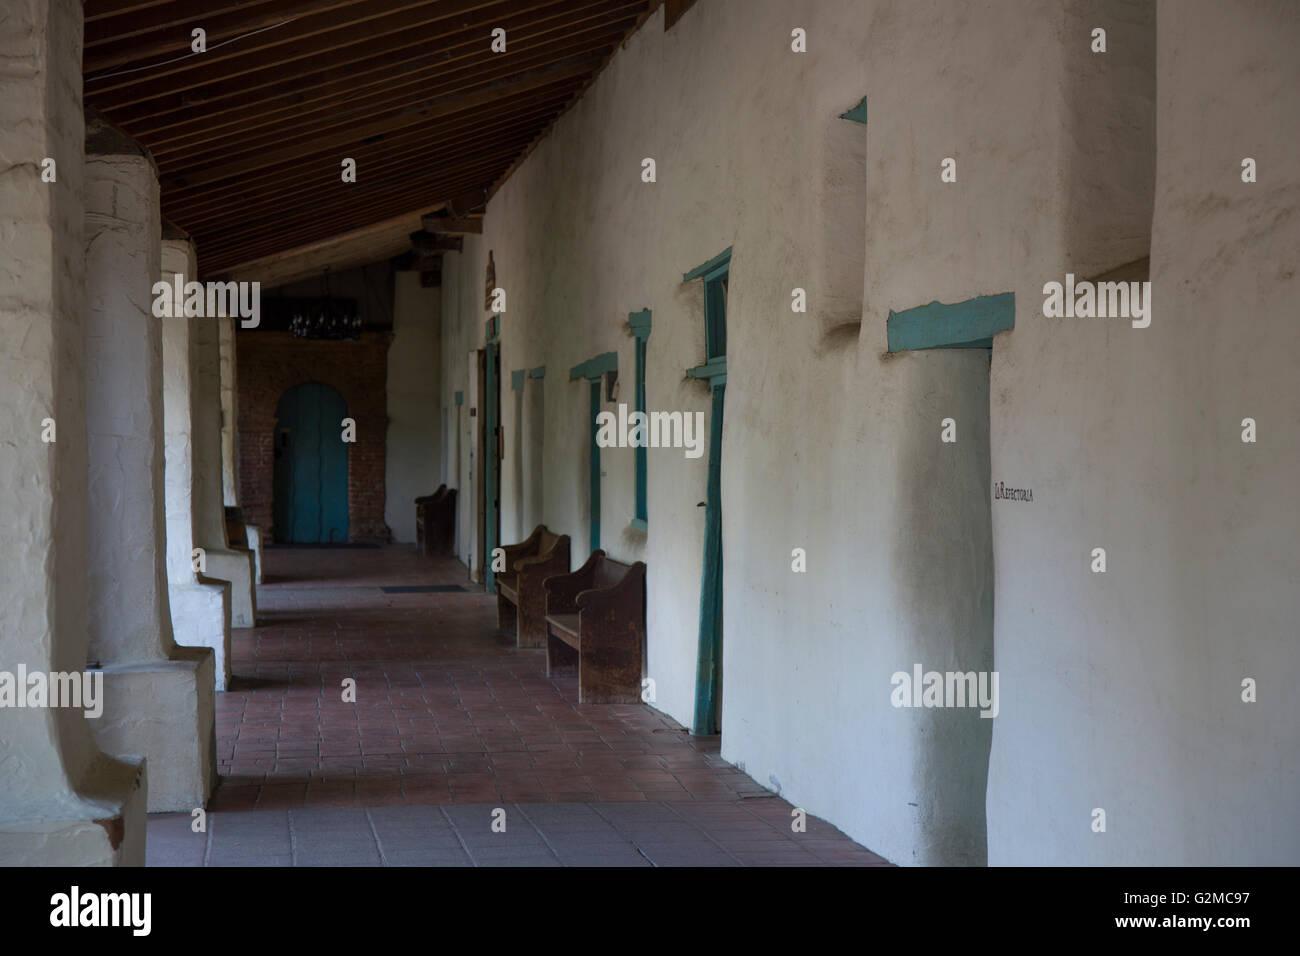 A walk through Mission San Juan Bautista - Stock Image